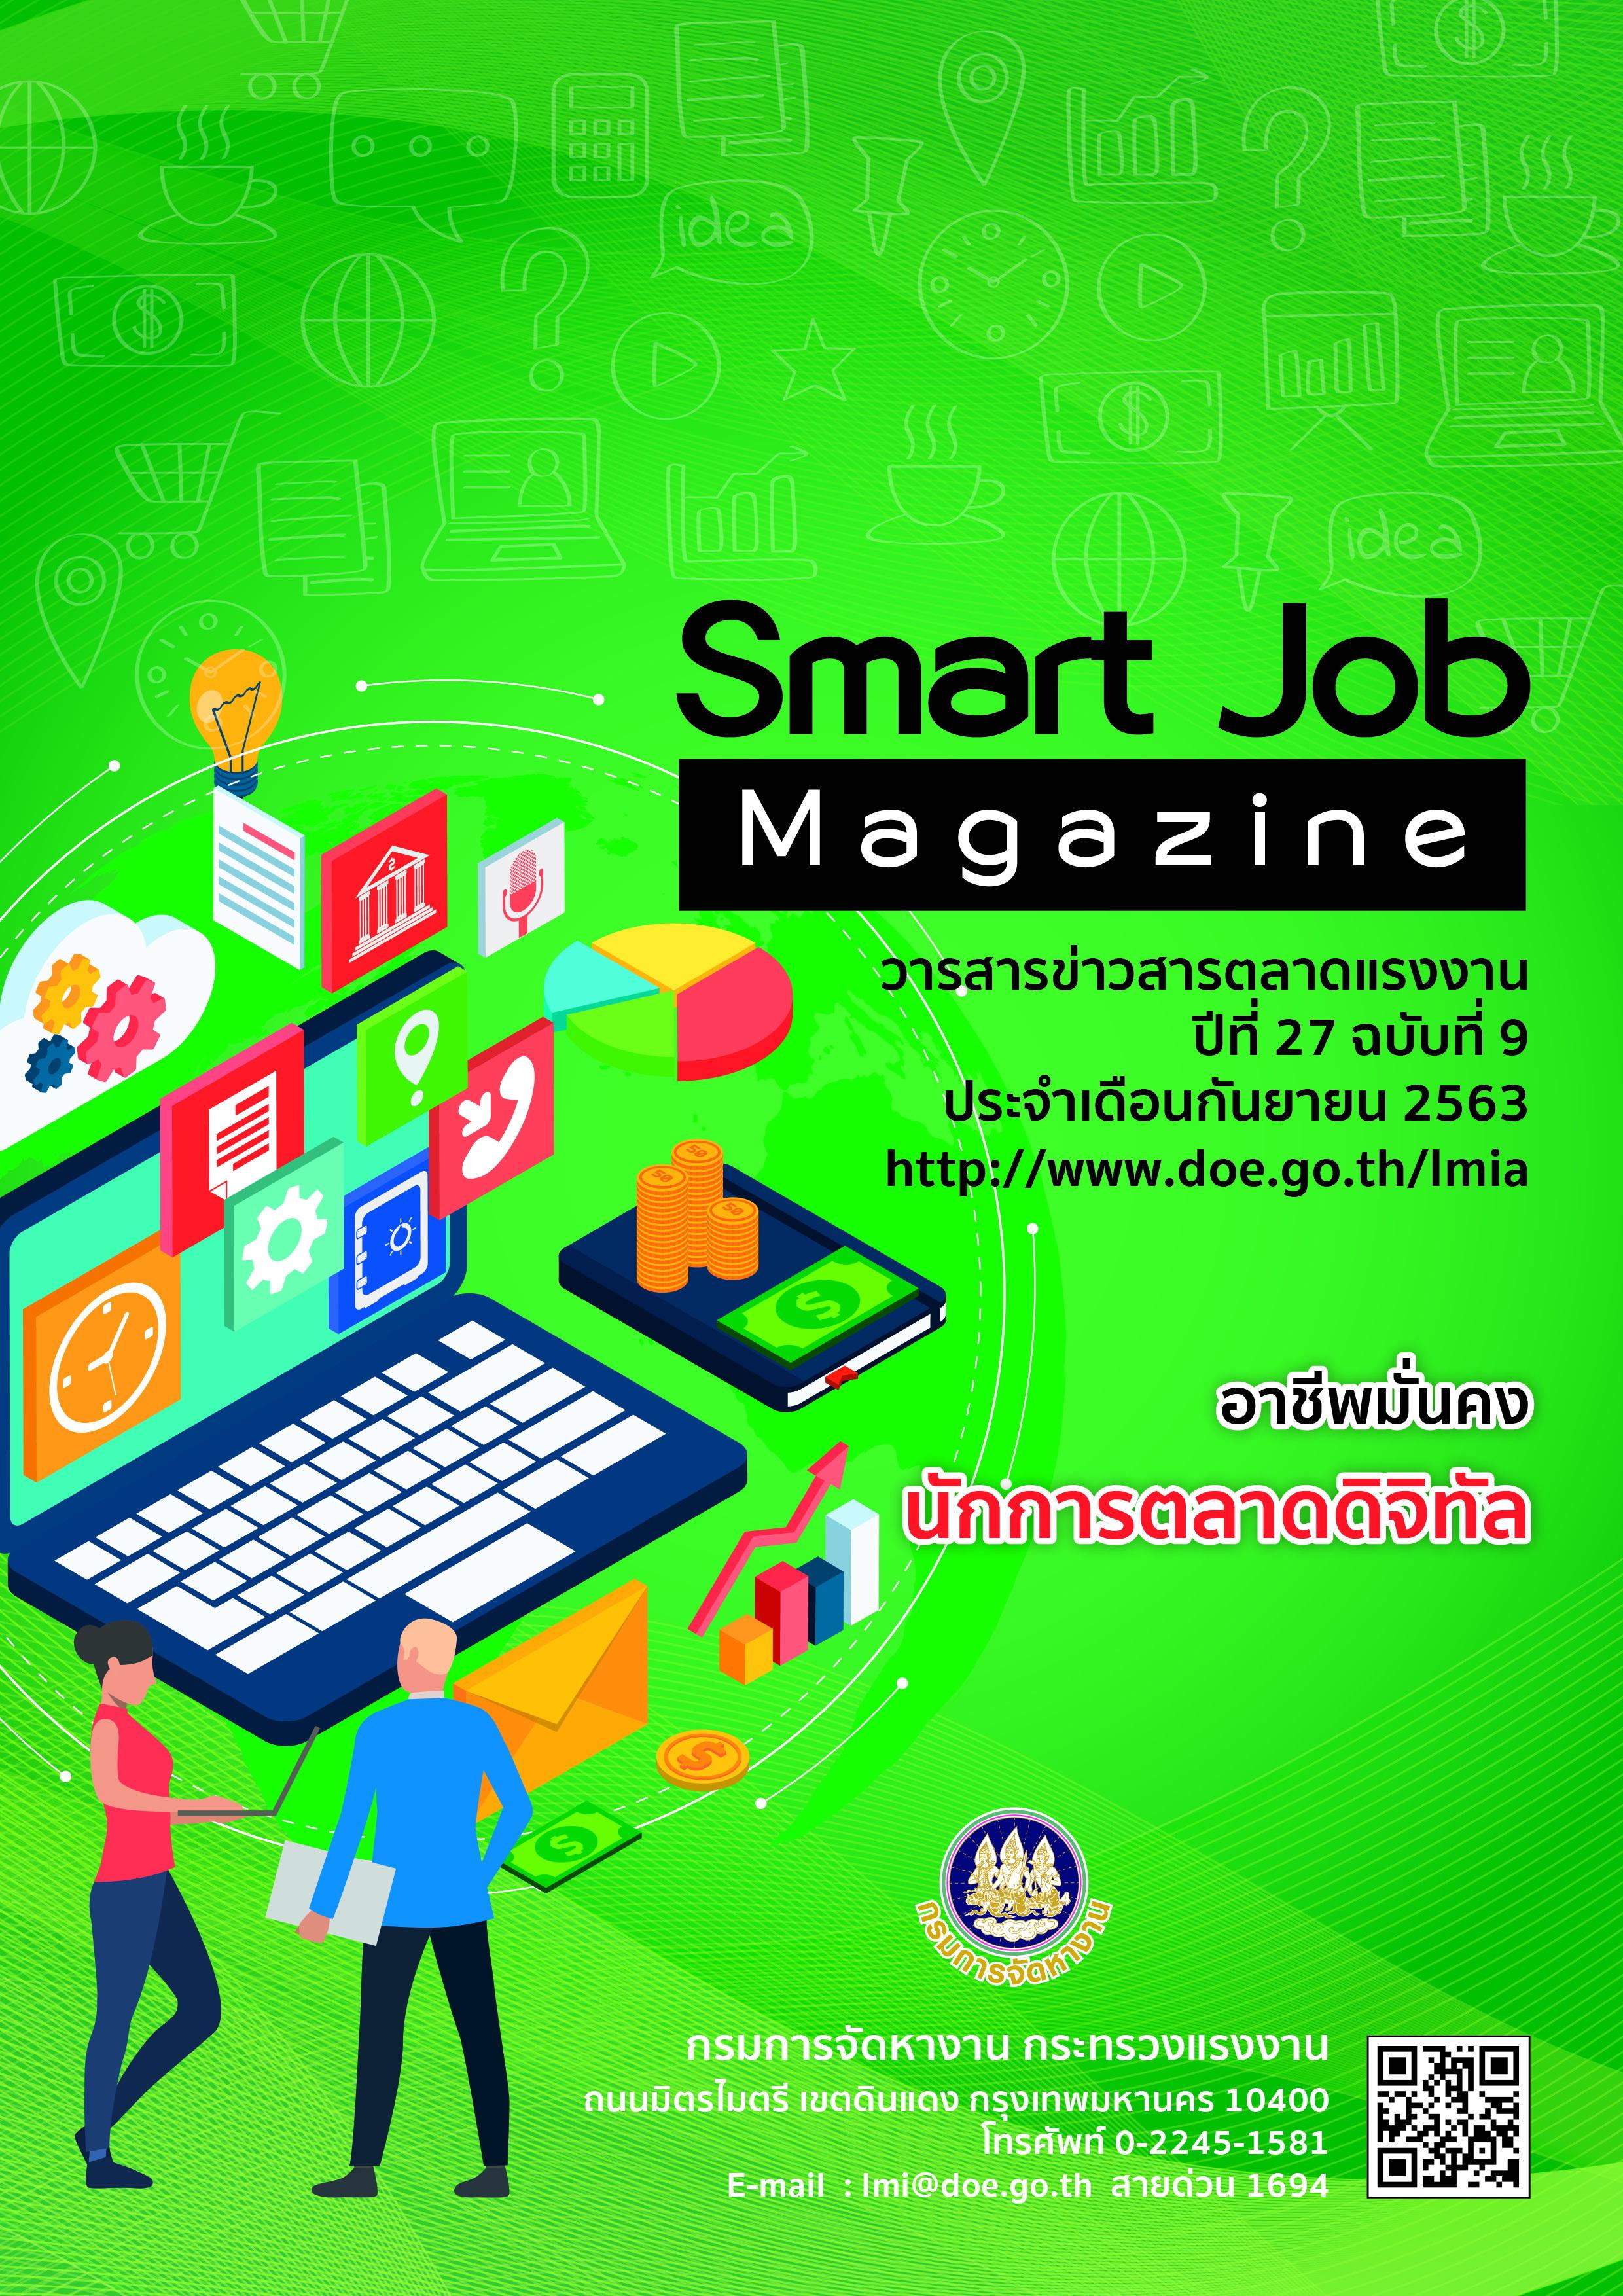 วารสารข่าวสารตลาดแรงงาน ปีที่ 27 ฉบับที่ 9 เดือนกันยายน 2563